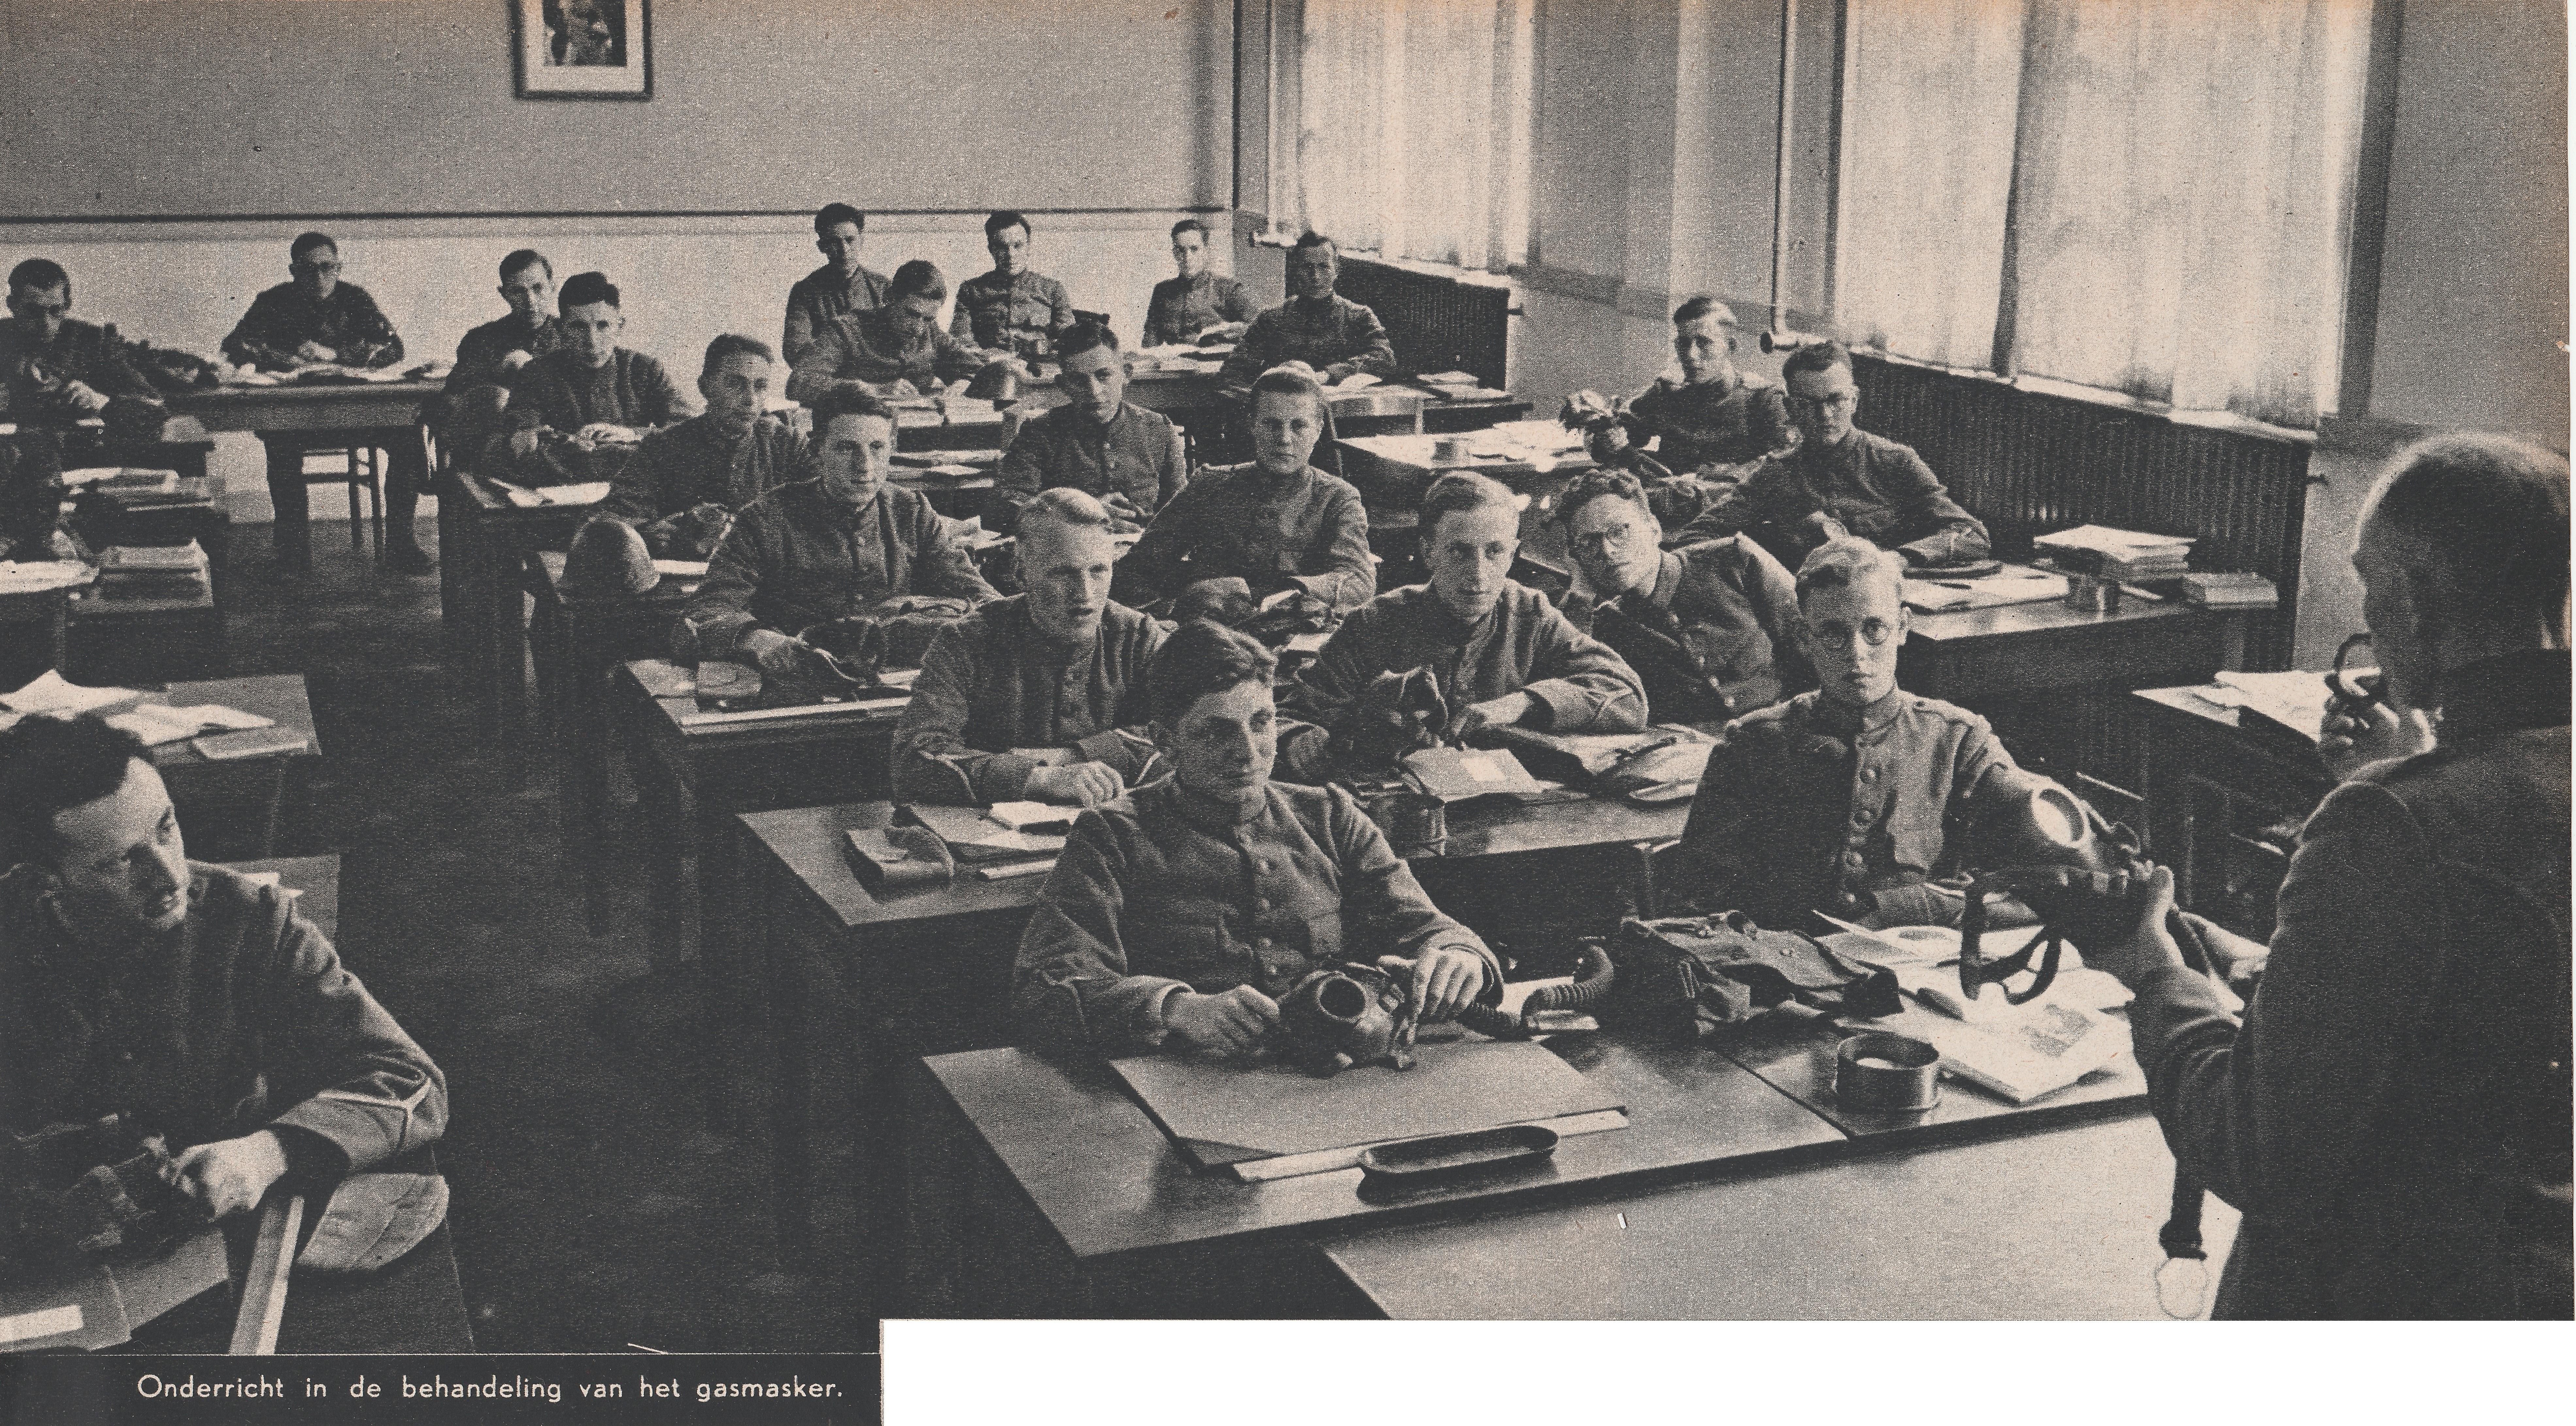 gorinchem-1939-militaire-gasschool-klaslokaal-onderricht-in-de-behandeling-van-een-gasmasker